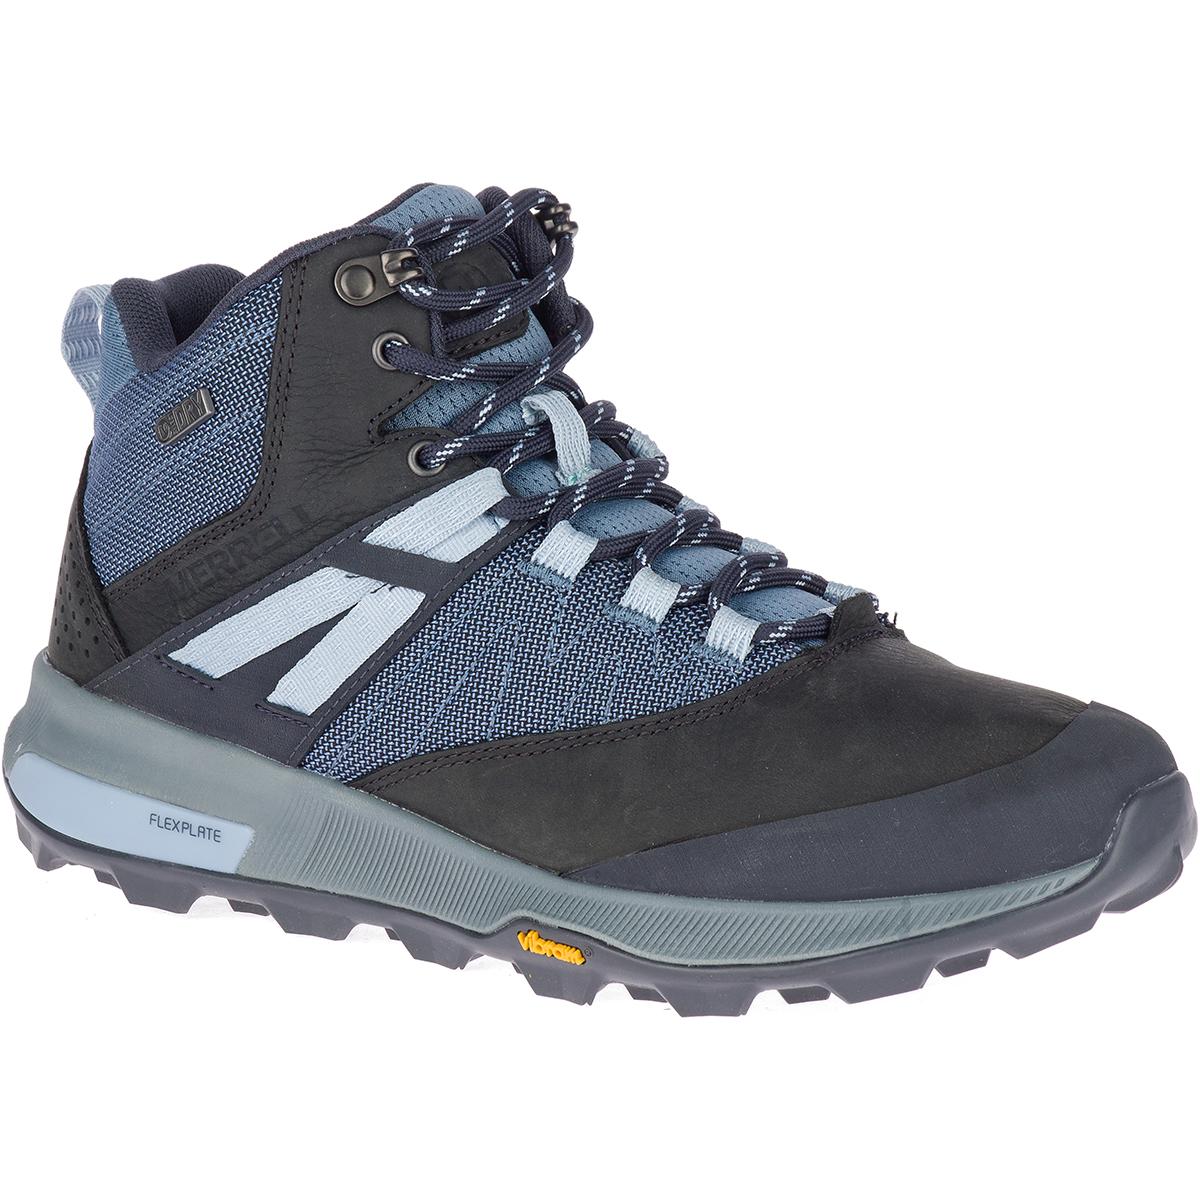 Merrell Women's Zion Mid Waterproof Hiking Shoes - Blue, 6